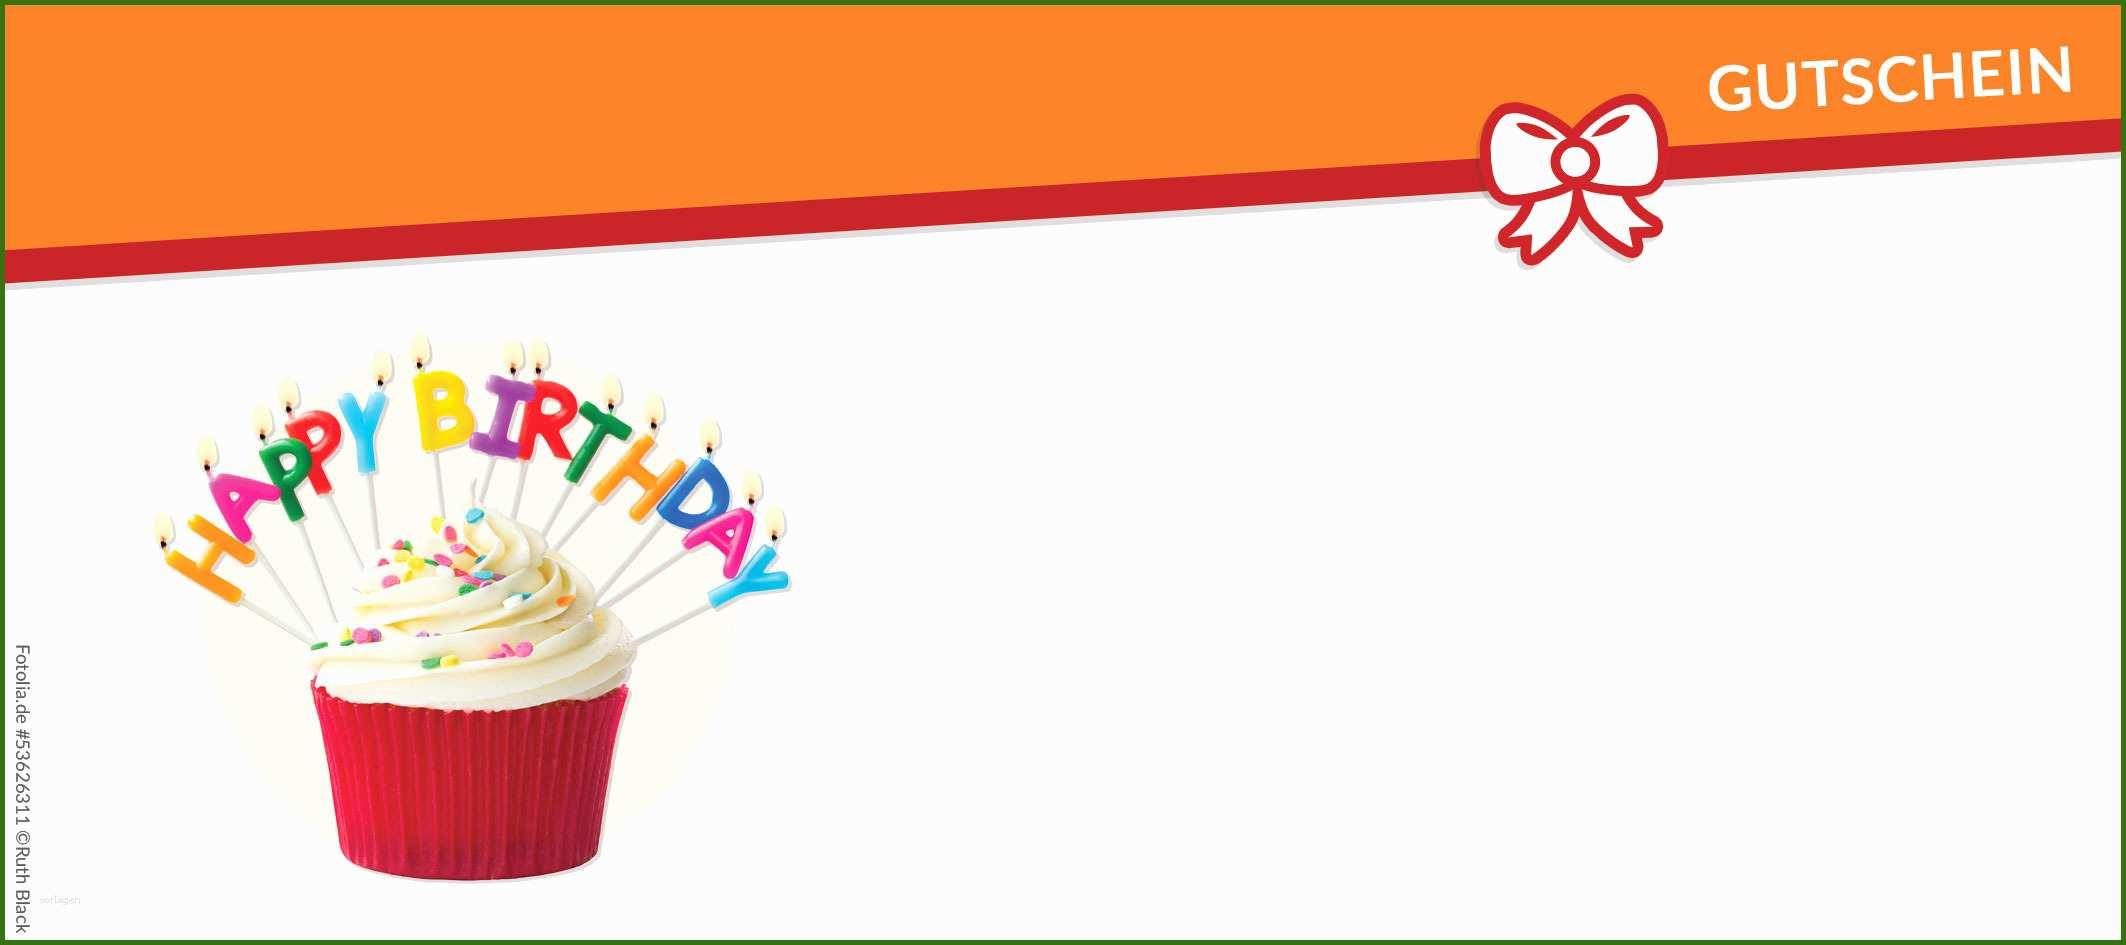 Gutschein Geburtstag Vorlage